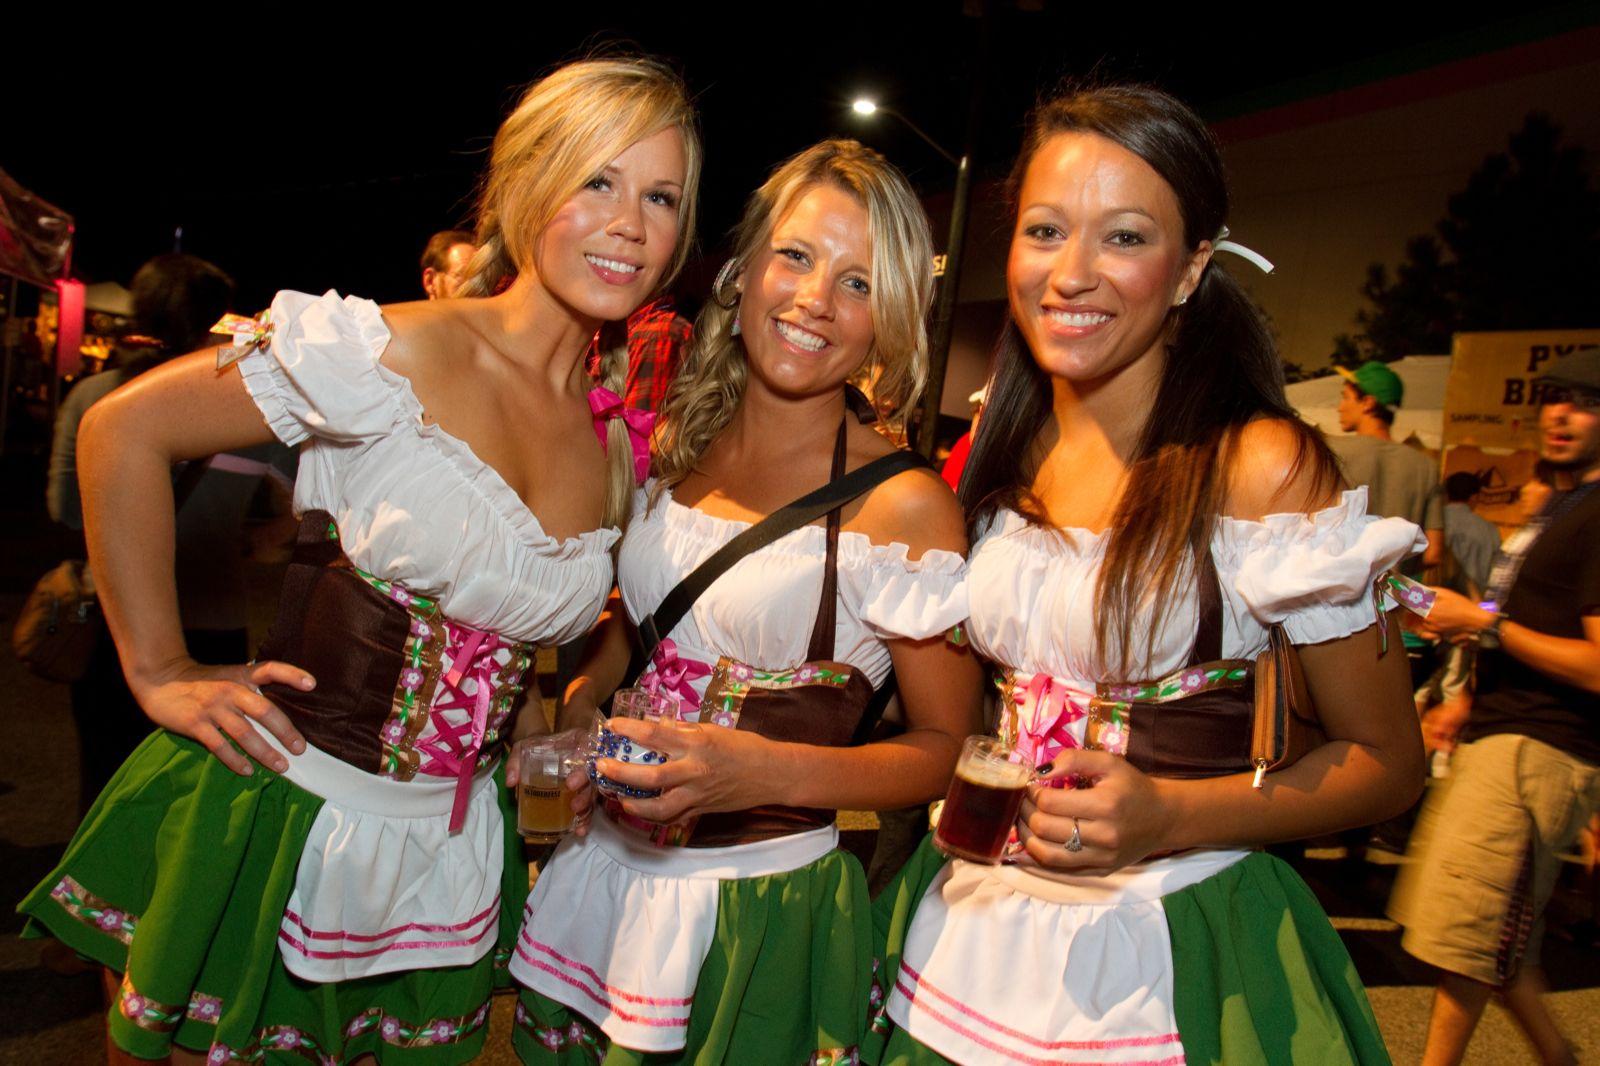 Девушки в баварских национальных костюмах дирндль.